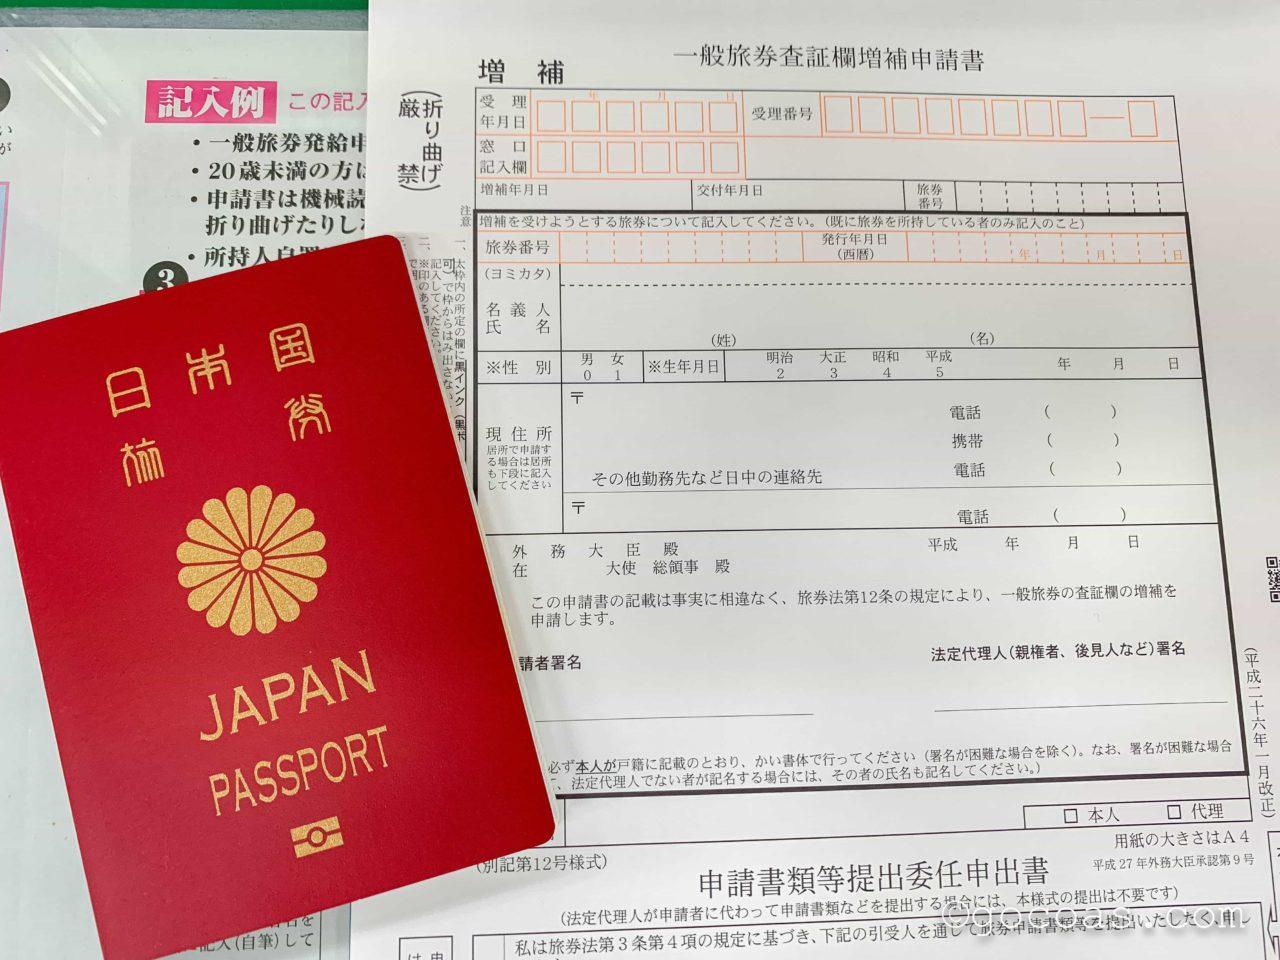 パスポートの増補